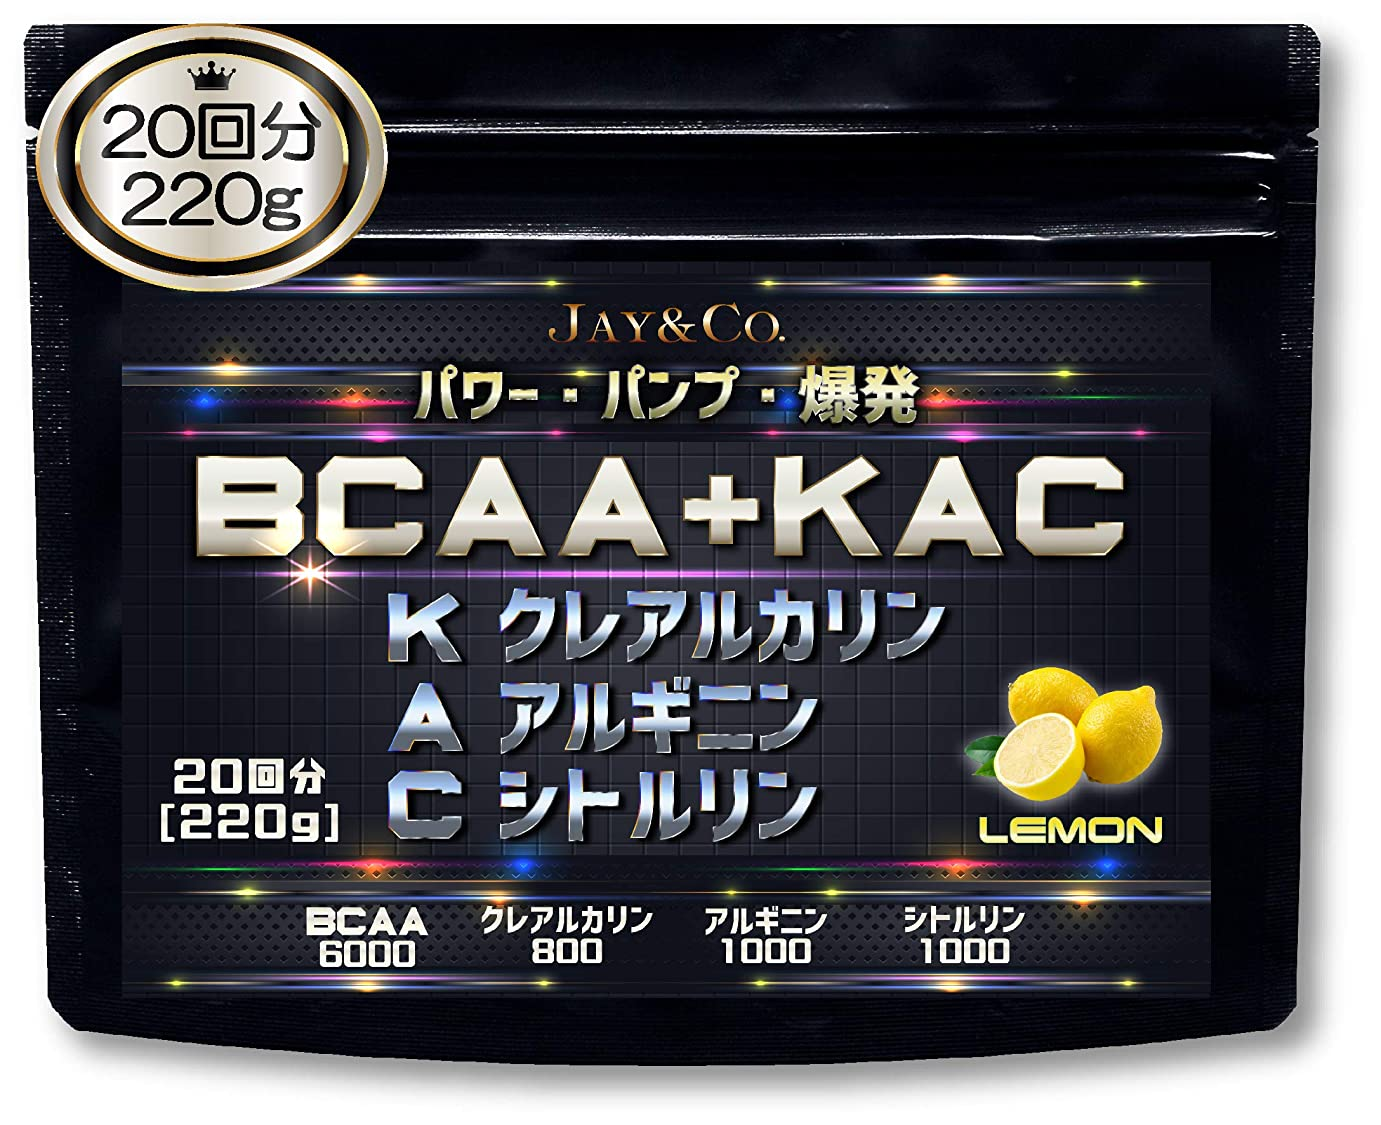 シーズン書く伝記【筋トレ,パワースポーツ】 BCAA + KAC (BCAA クレアルカリン アルギニン シトルリン) (レモン, 20回分)